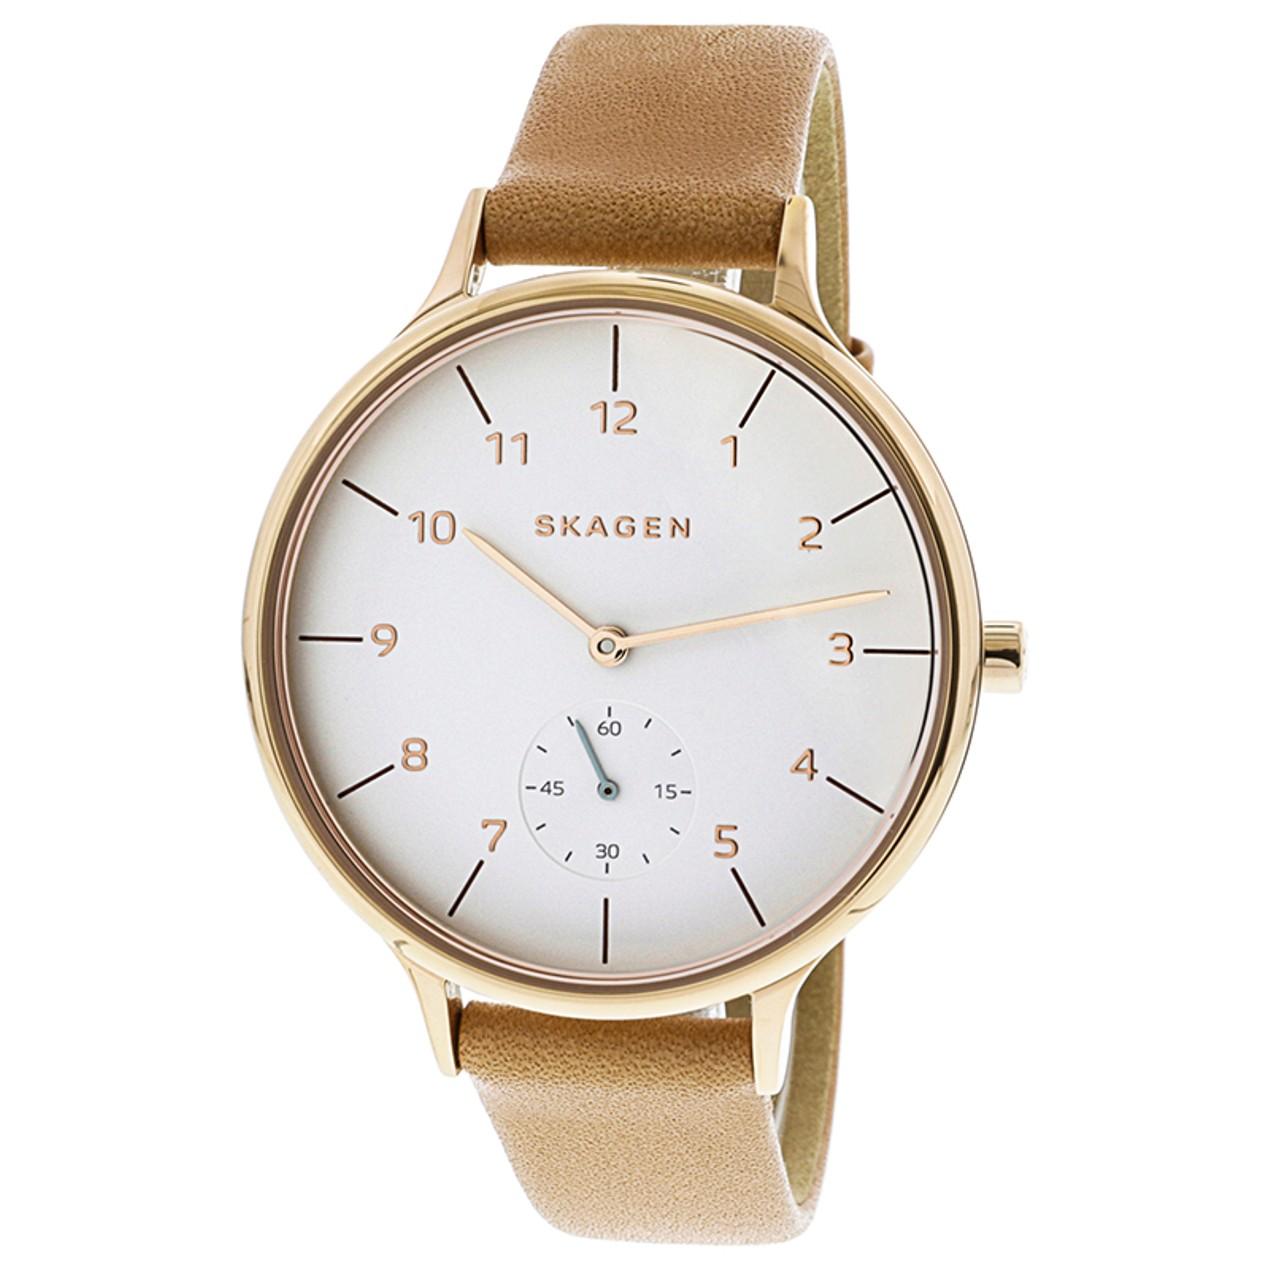 b67497833cd27 Skagen Women s Signature SKW2594 Brown Leather Quartz Fashion Watch ...